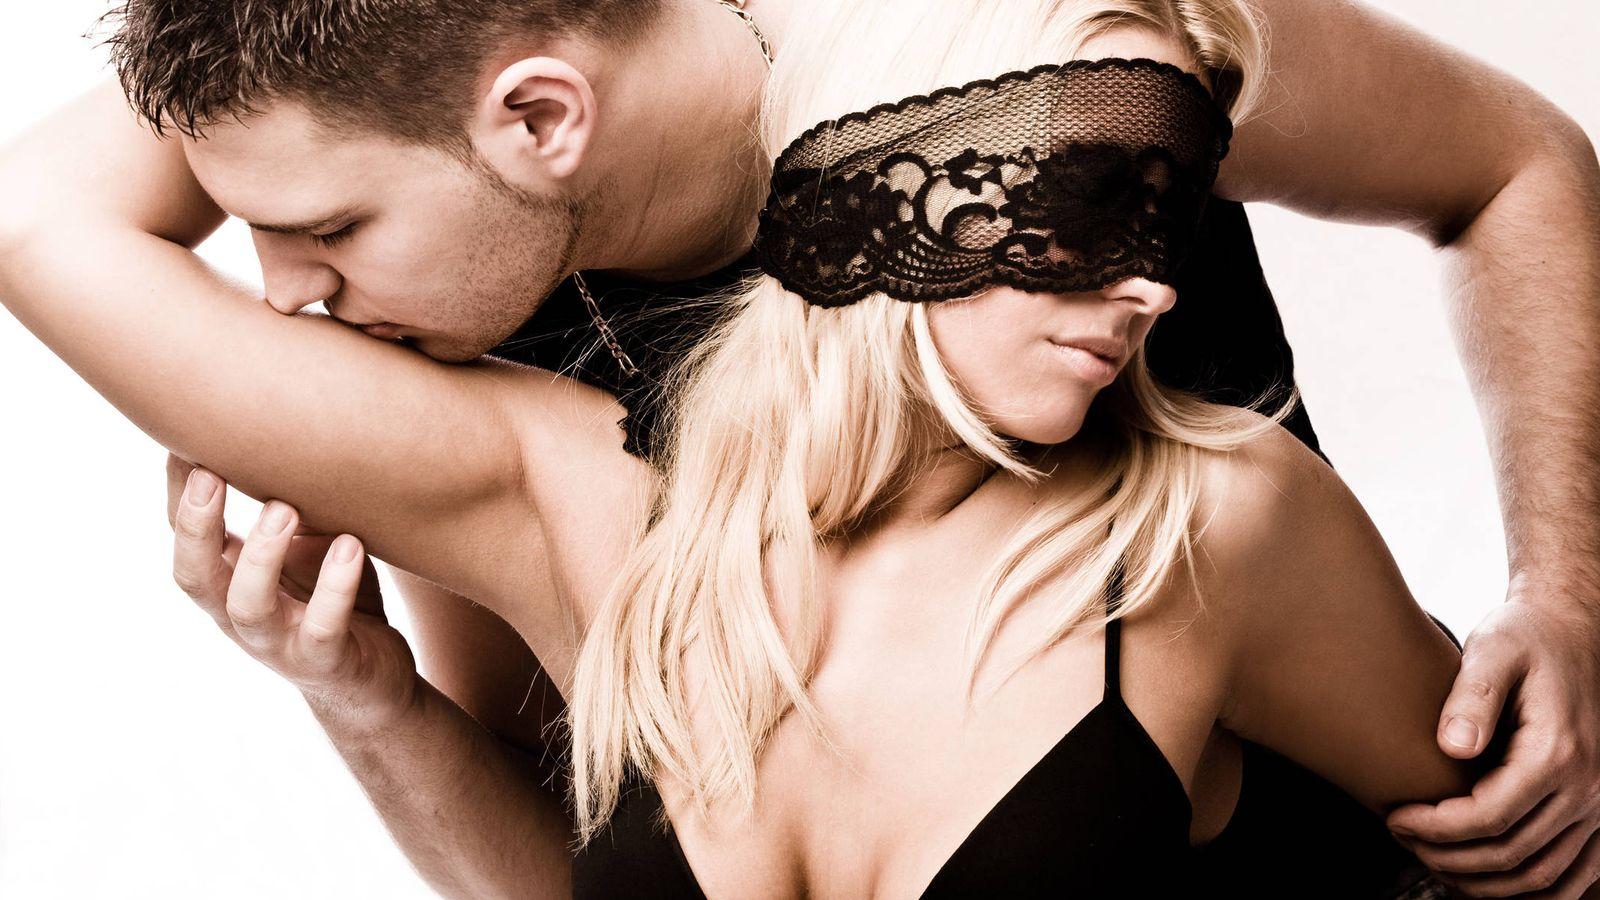 Sexuales SexoLo Personalidad Dicen Verdadera Que Tu Sobre Fetiches Tus eoCBxd